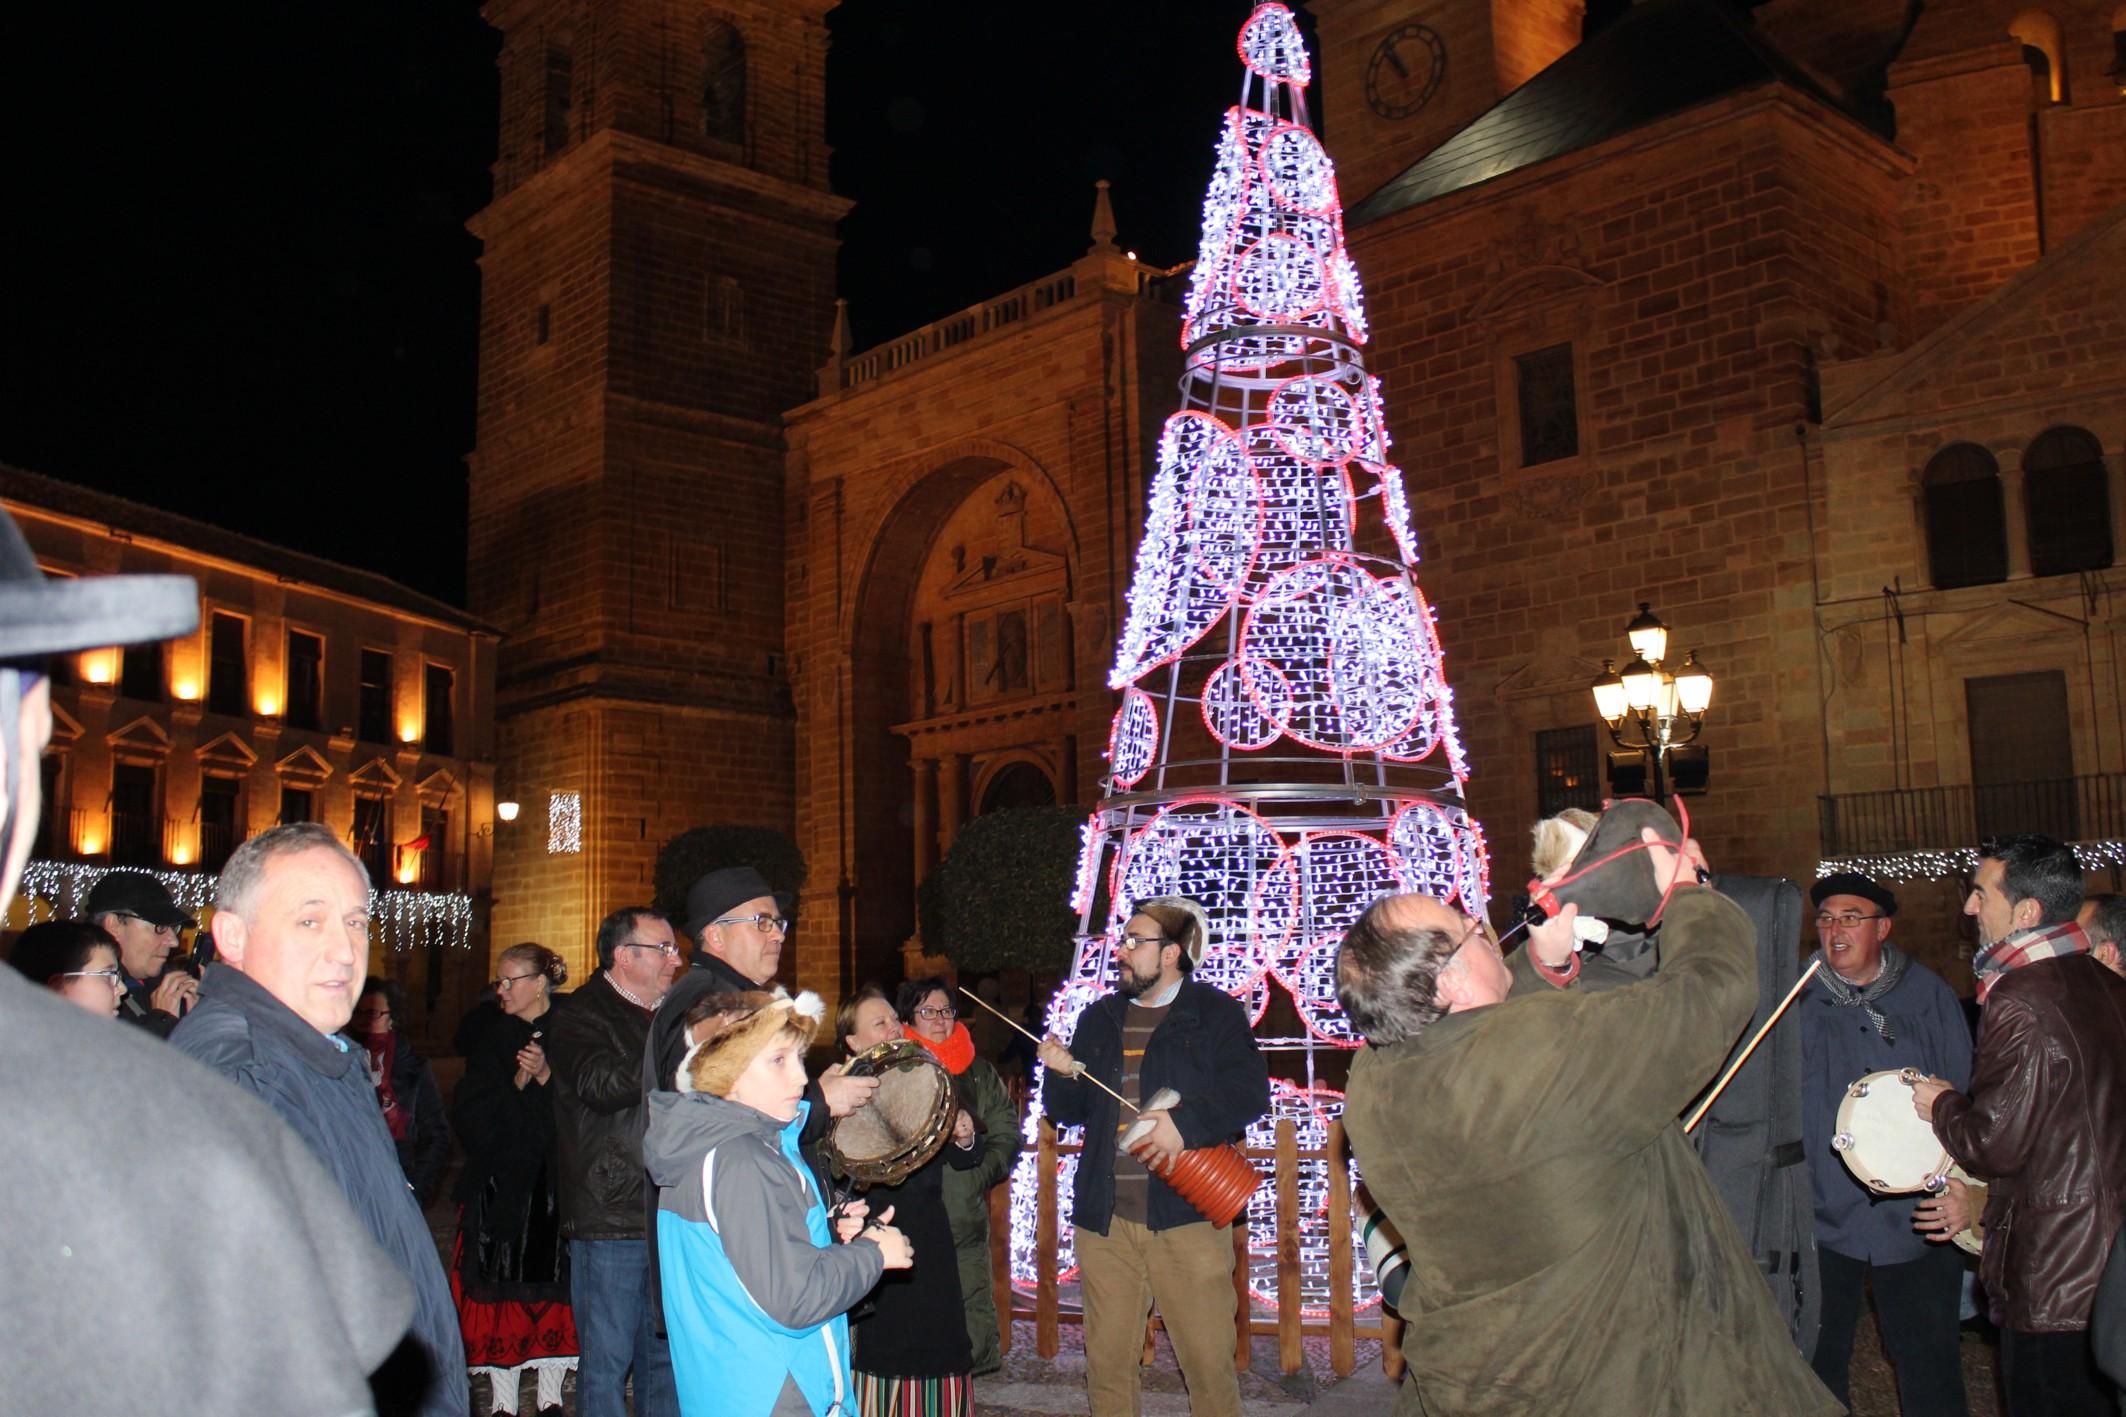 La asociaci n cruz de santiago felicita la navidad con for Concierto hoy en santiago